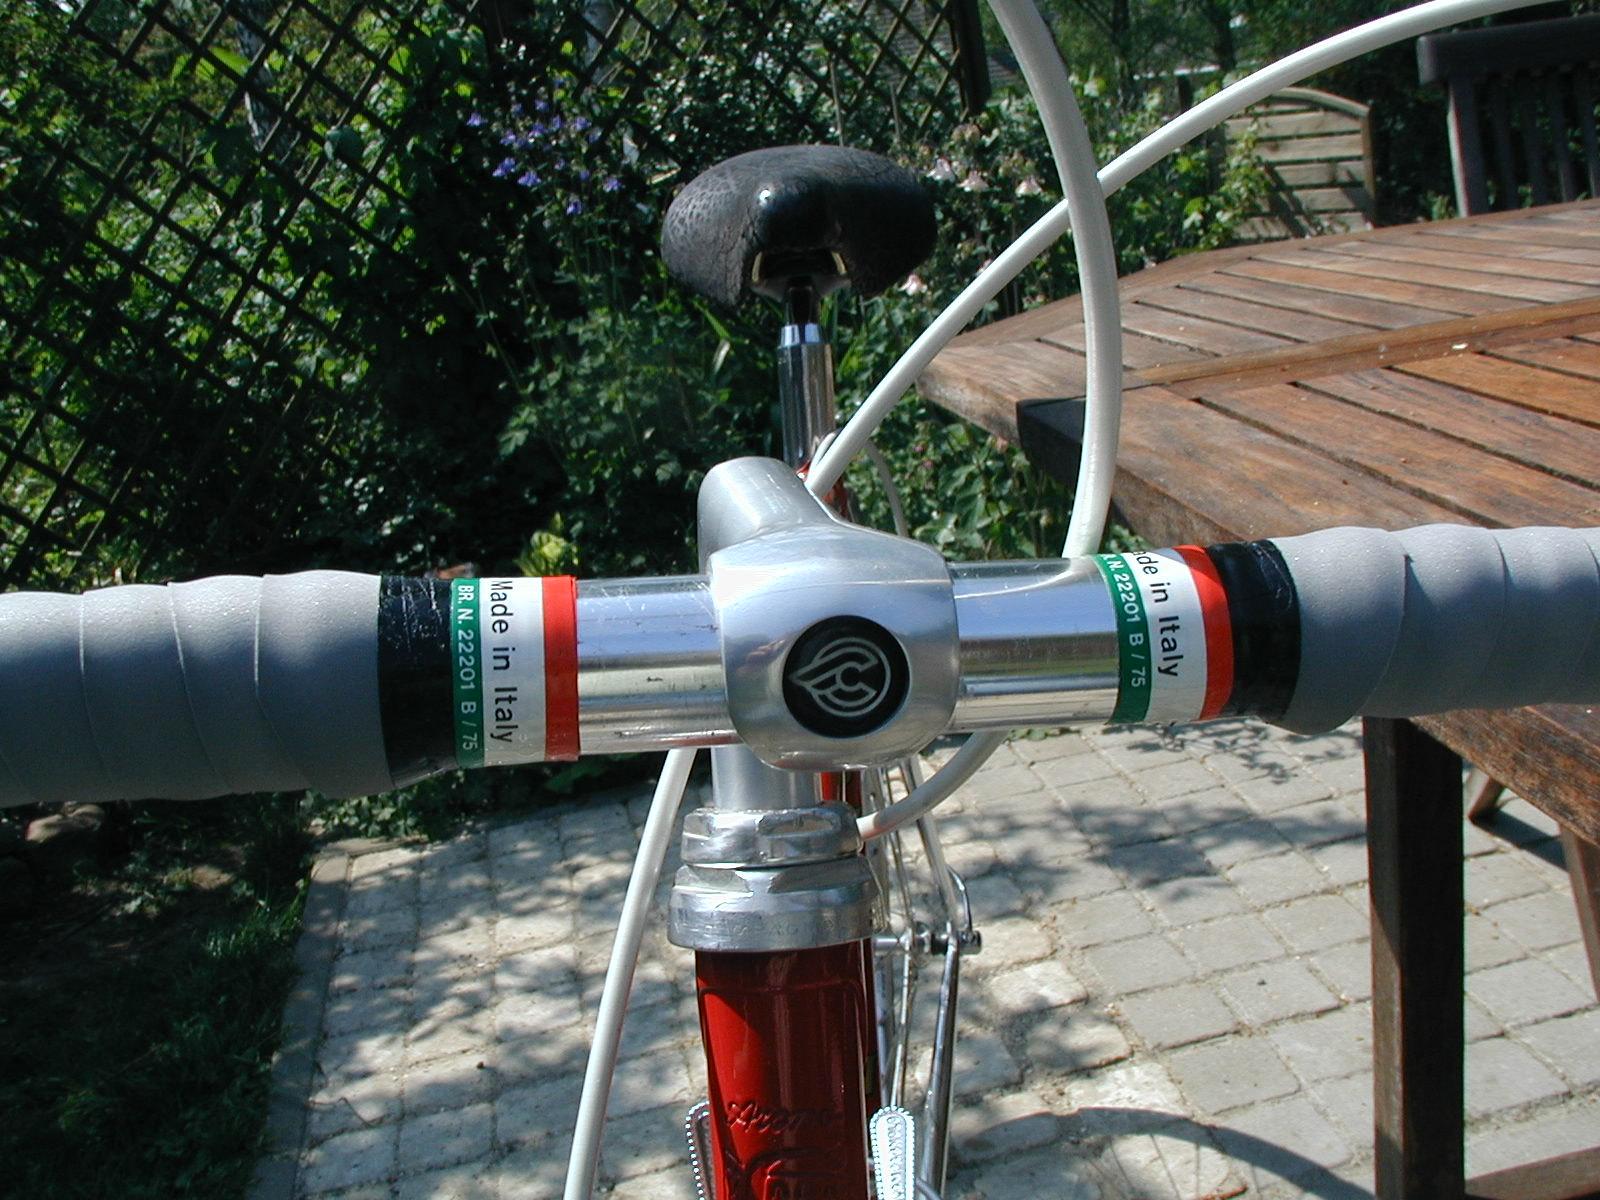 Chesini. Un vélo par semaine 41160134730_d5c39a2888_h